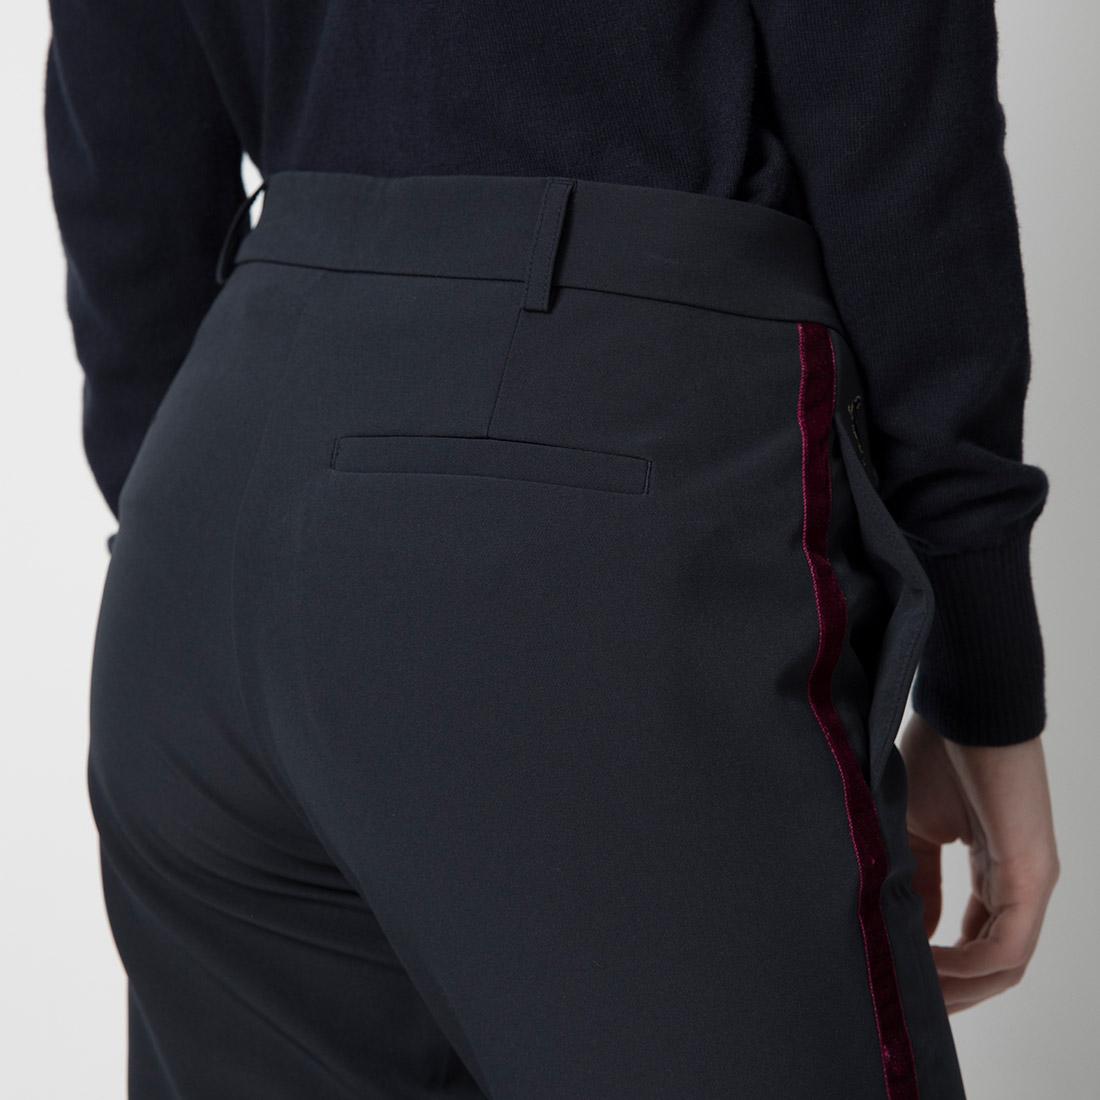 Damen 7/8 Golfhose mit 4-Way-Stretch Funktion und modischer Passform